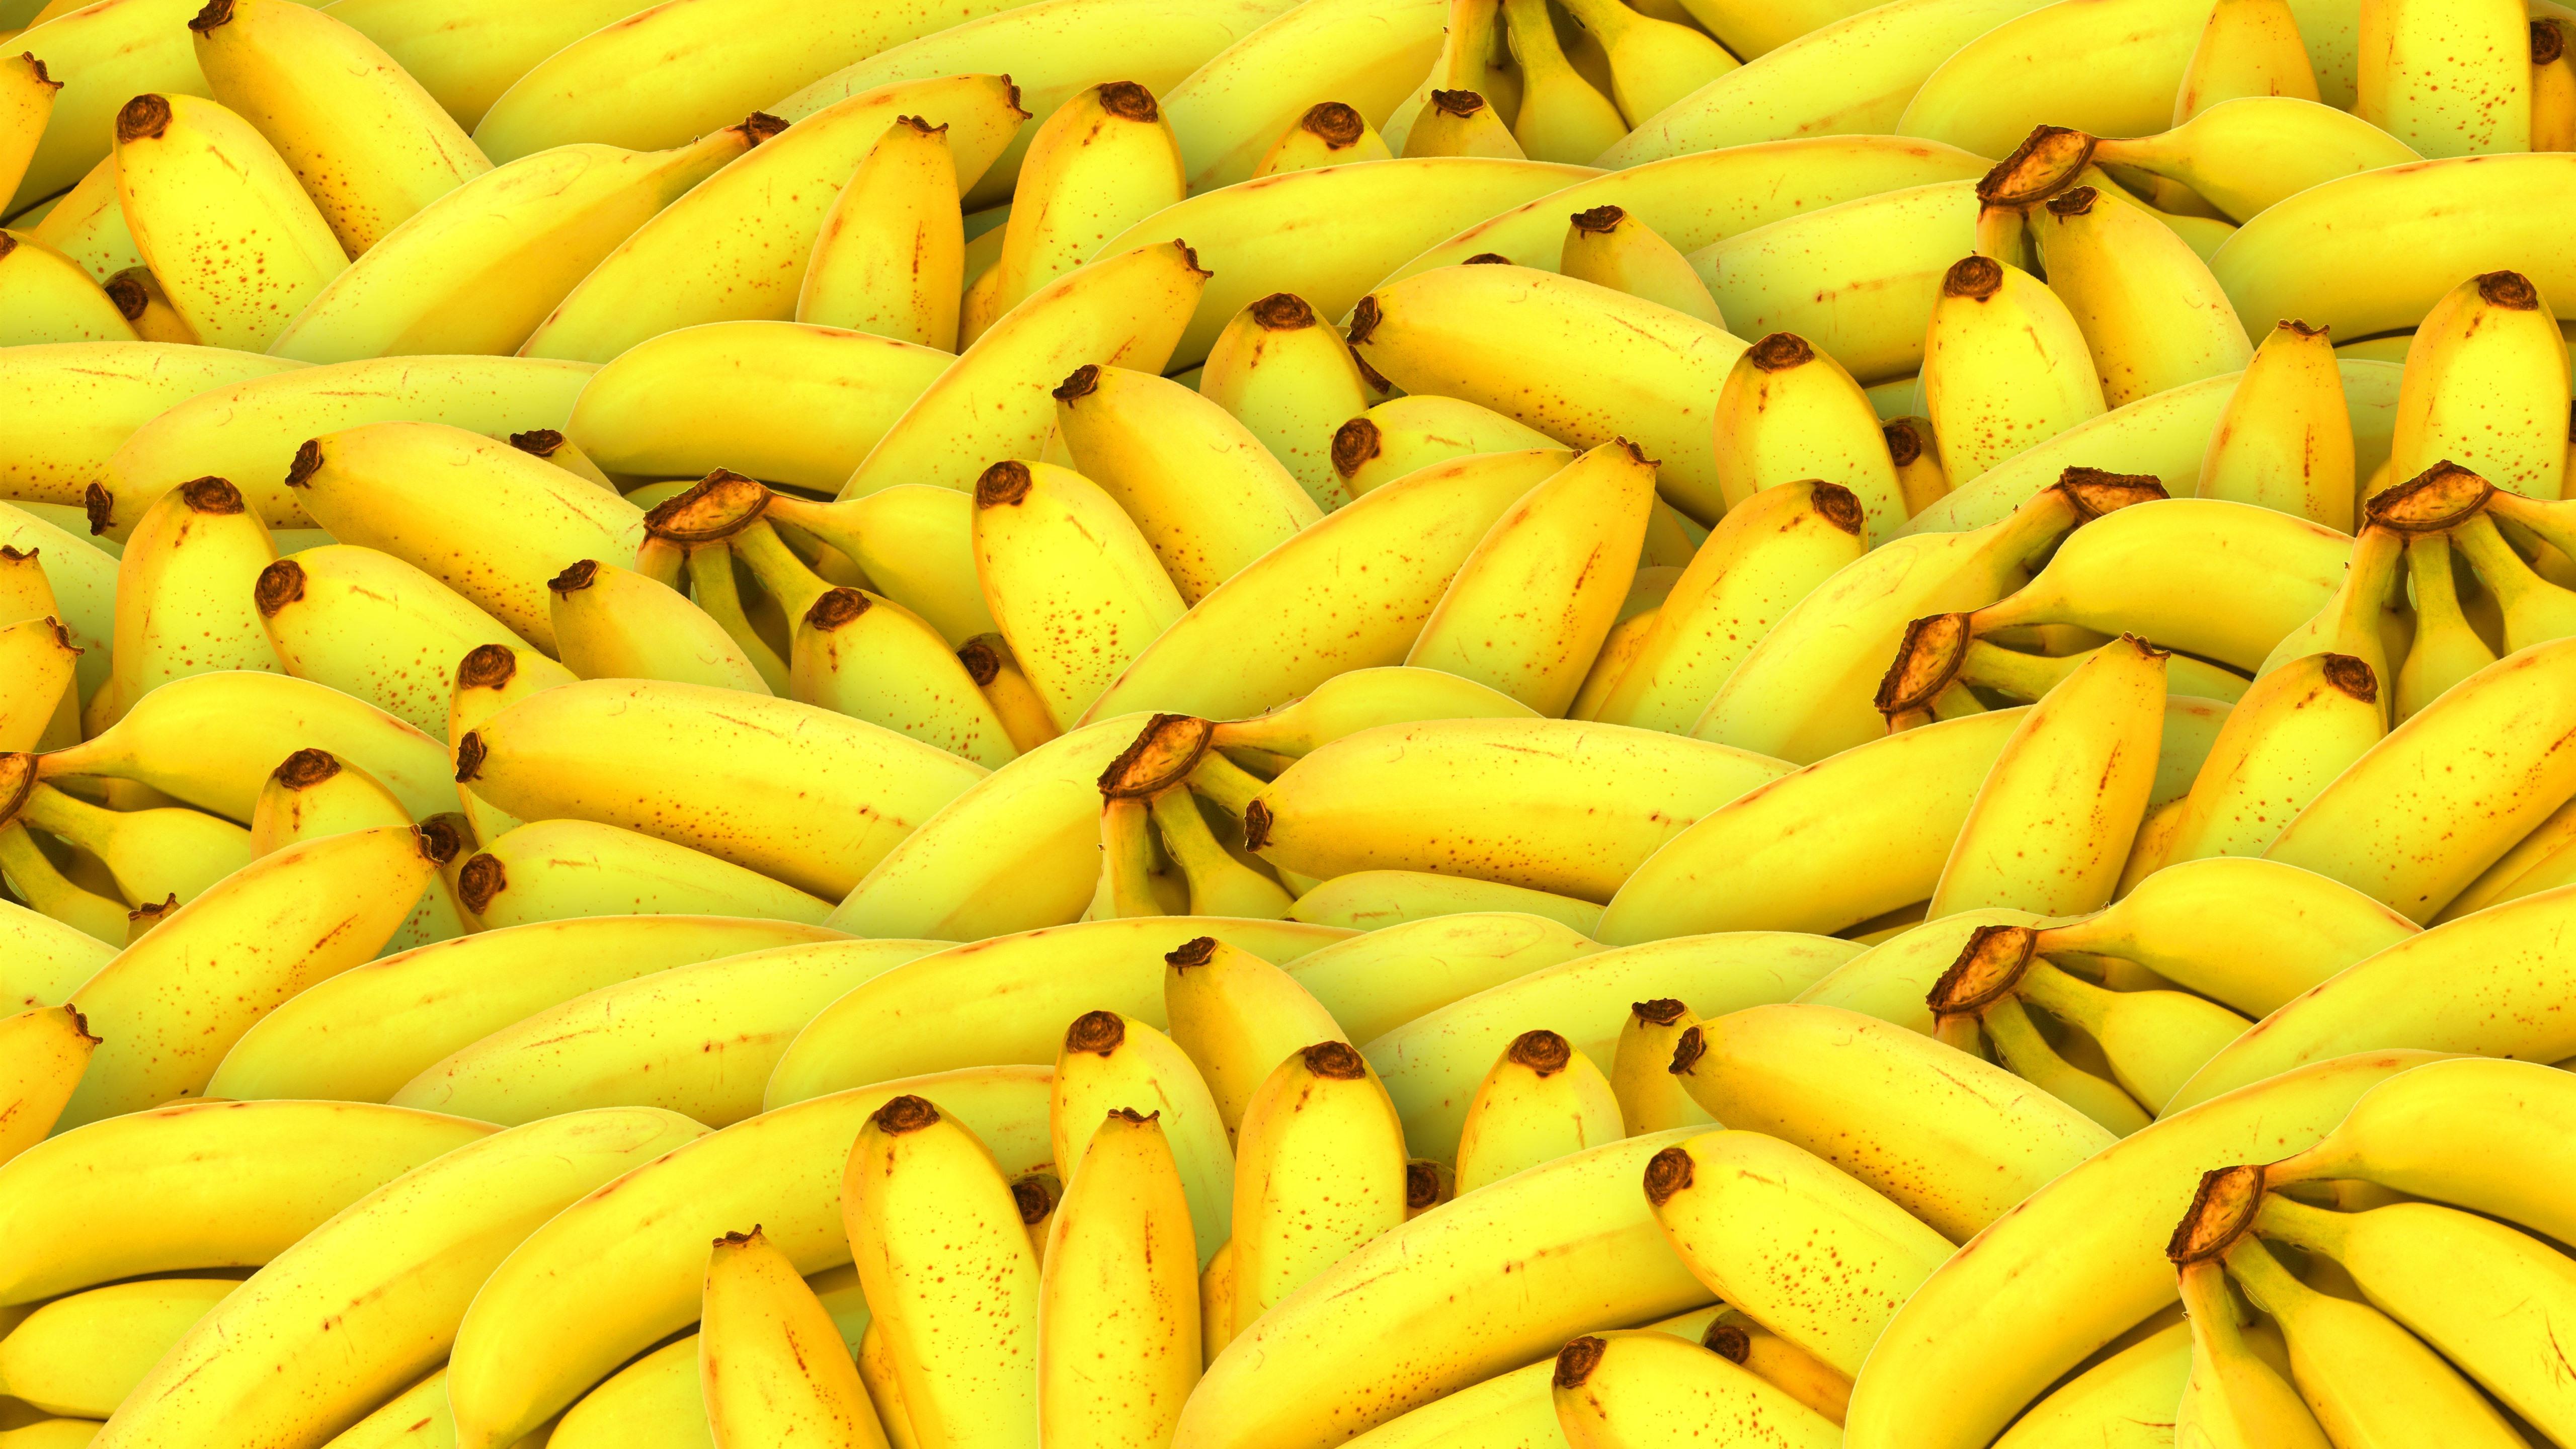 壁紙 多くのバナナ 果物 5120x2880 Uhd 5k 無料のデスクトップの背景